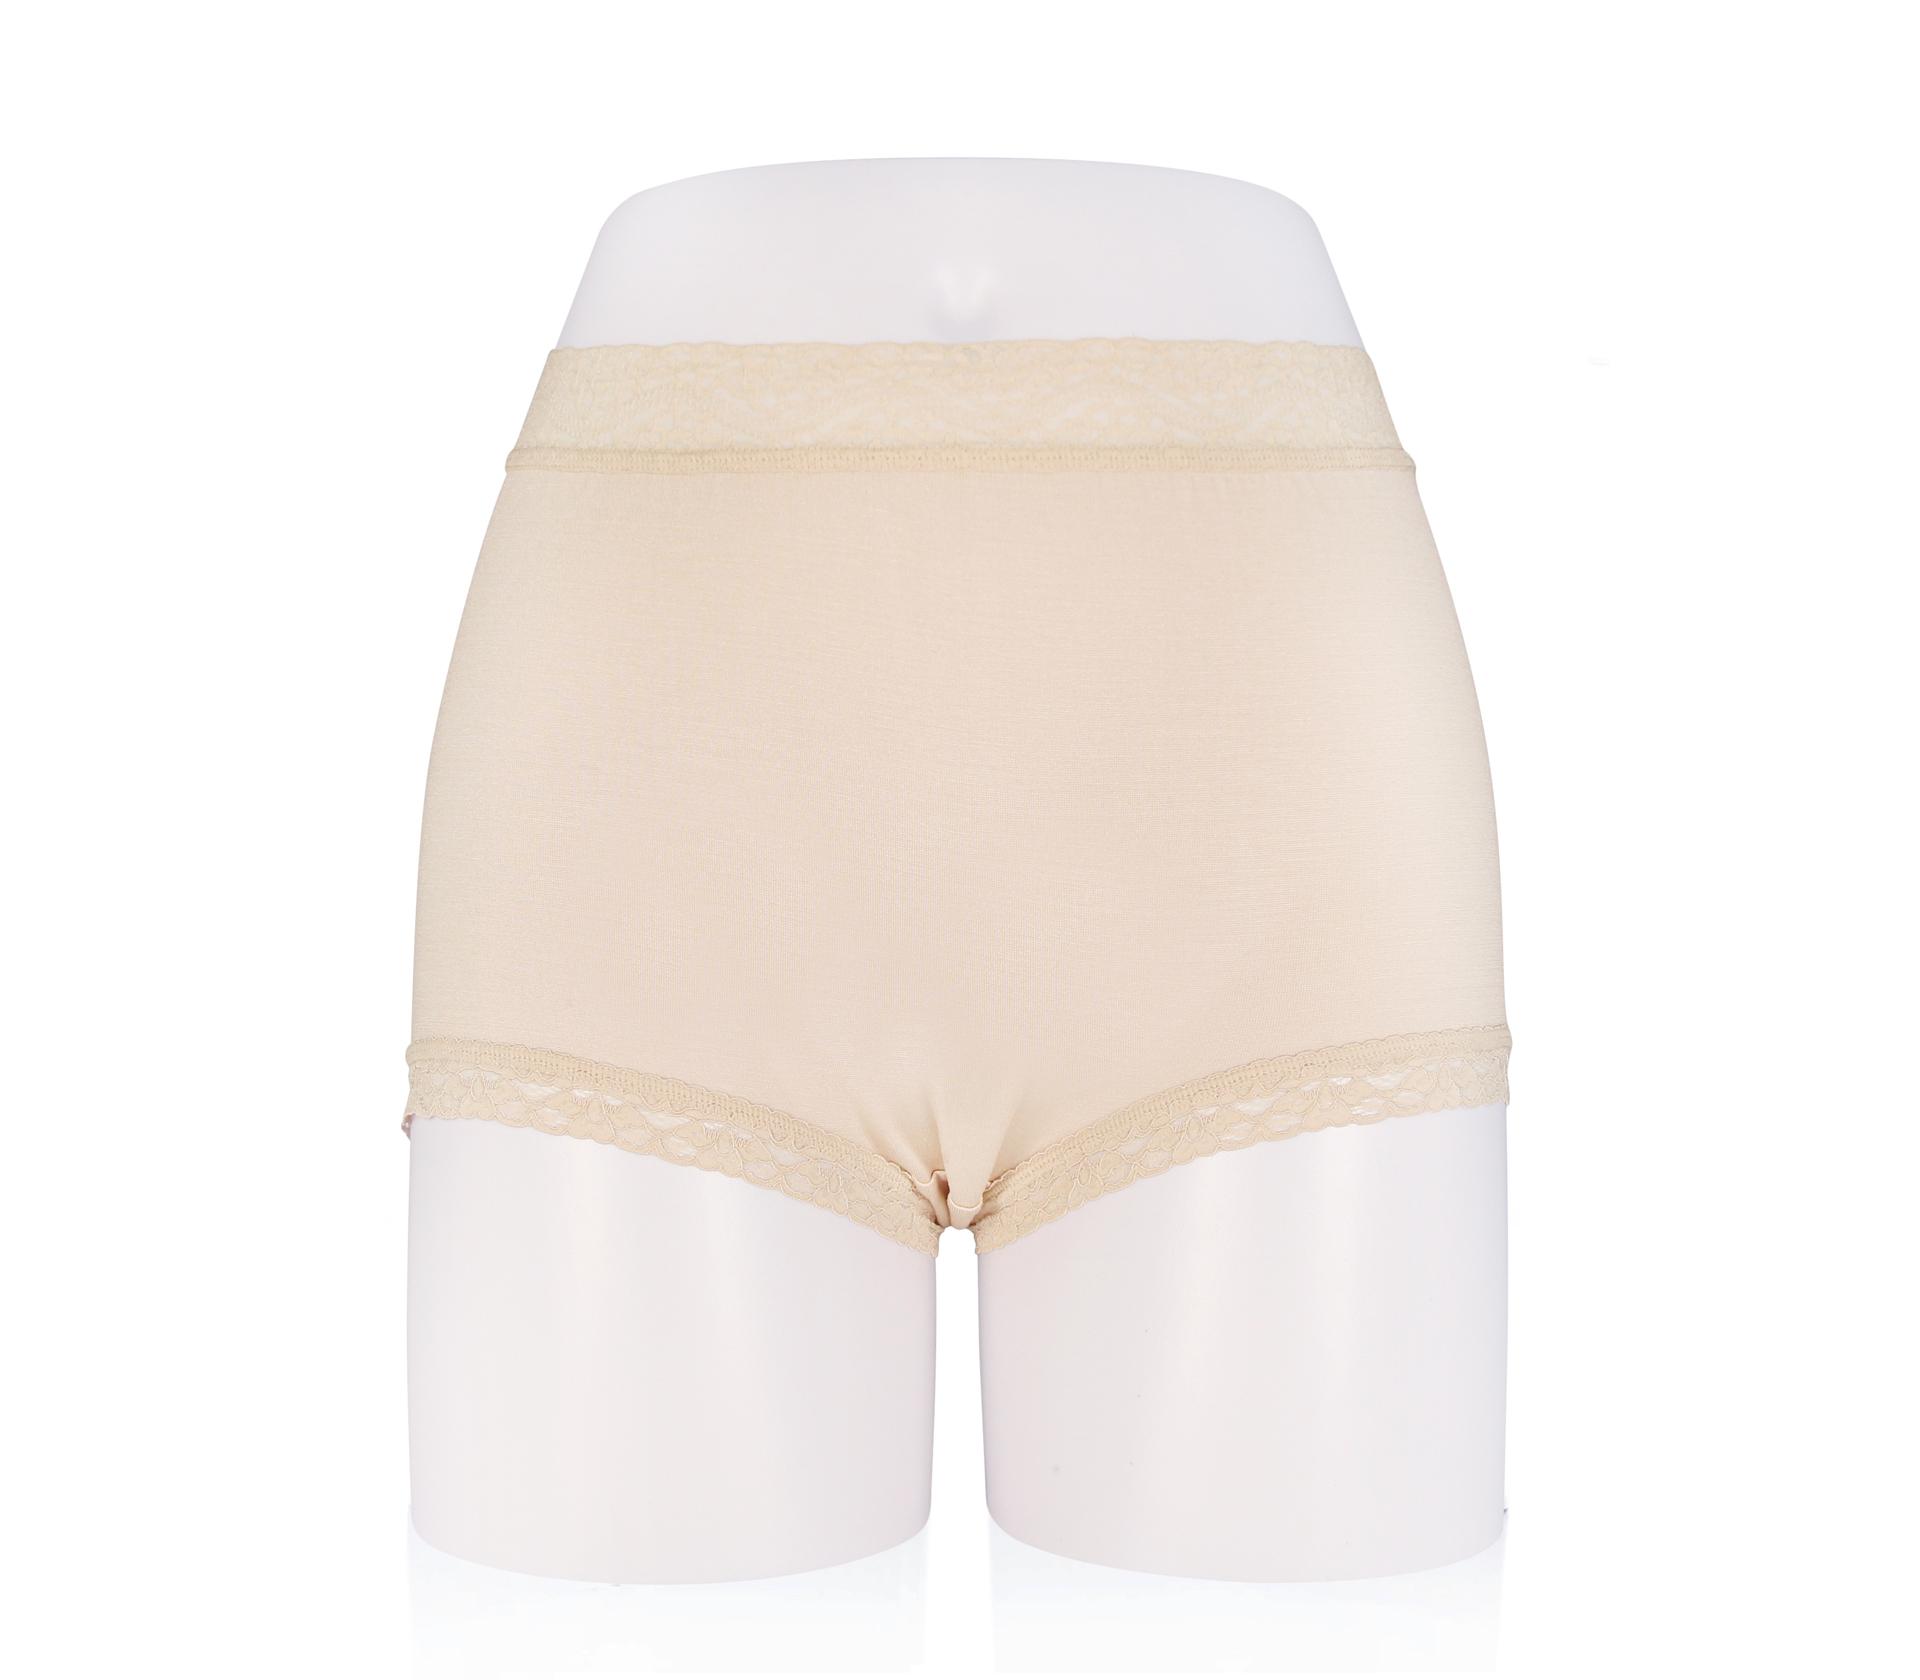 闕蘭絹中腰粉嫩親膚100%蠶絲平口褲 - 88118 (膚色)